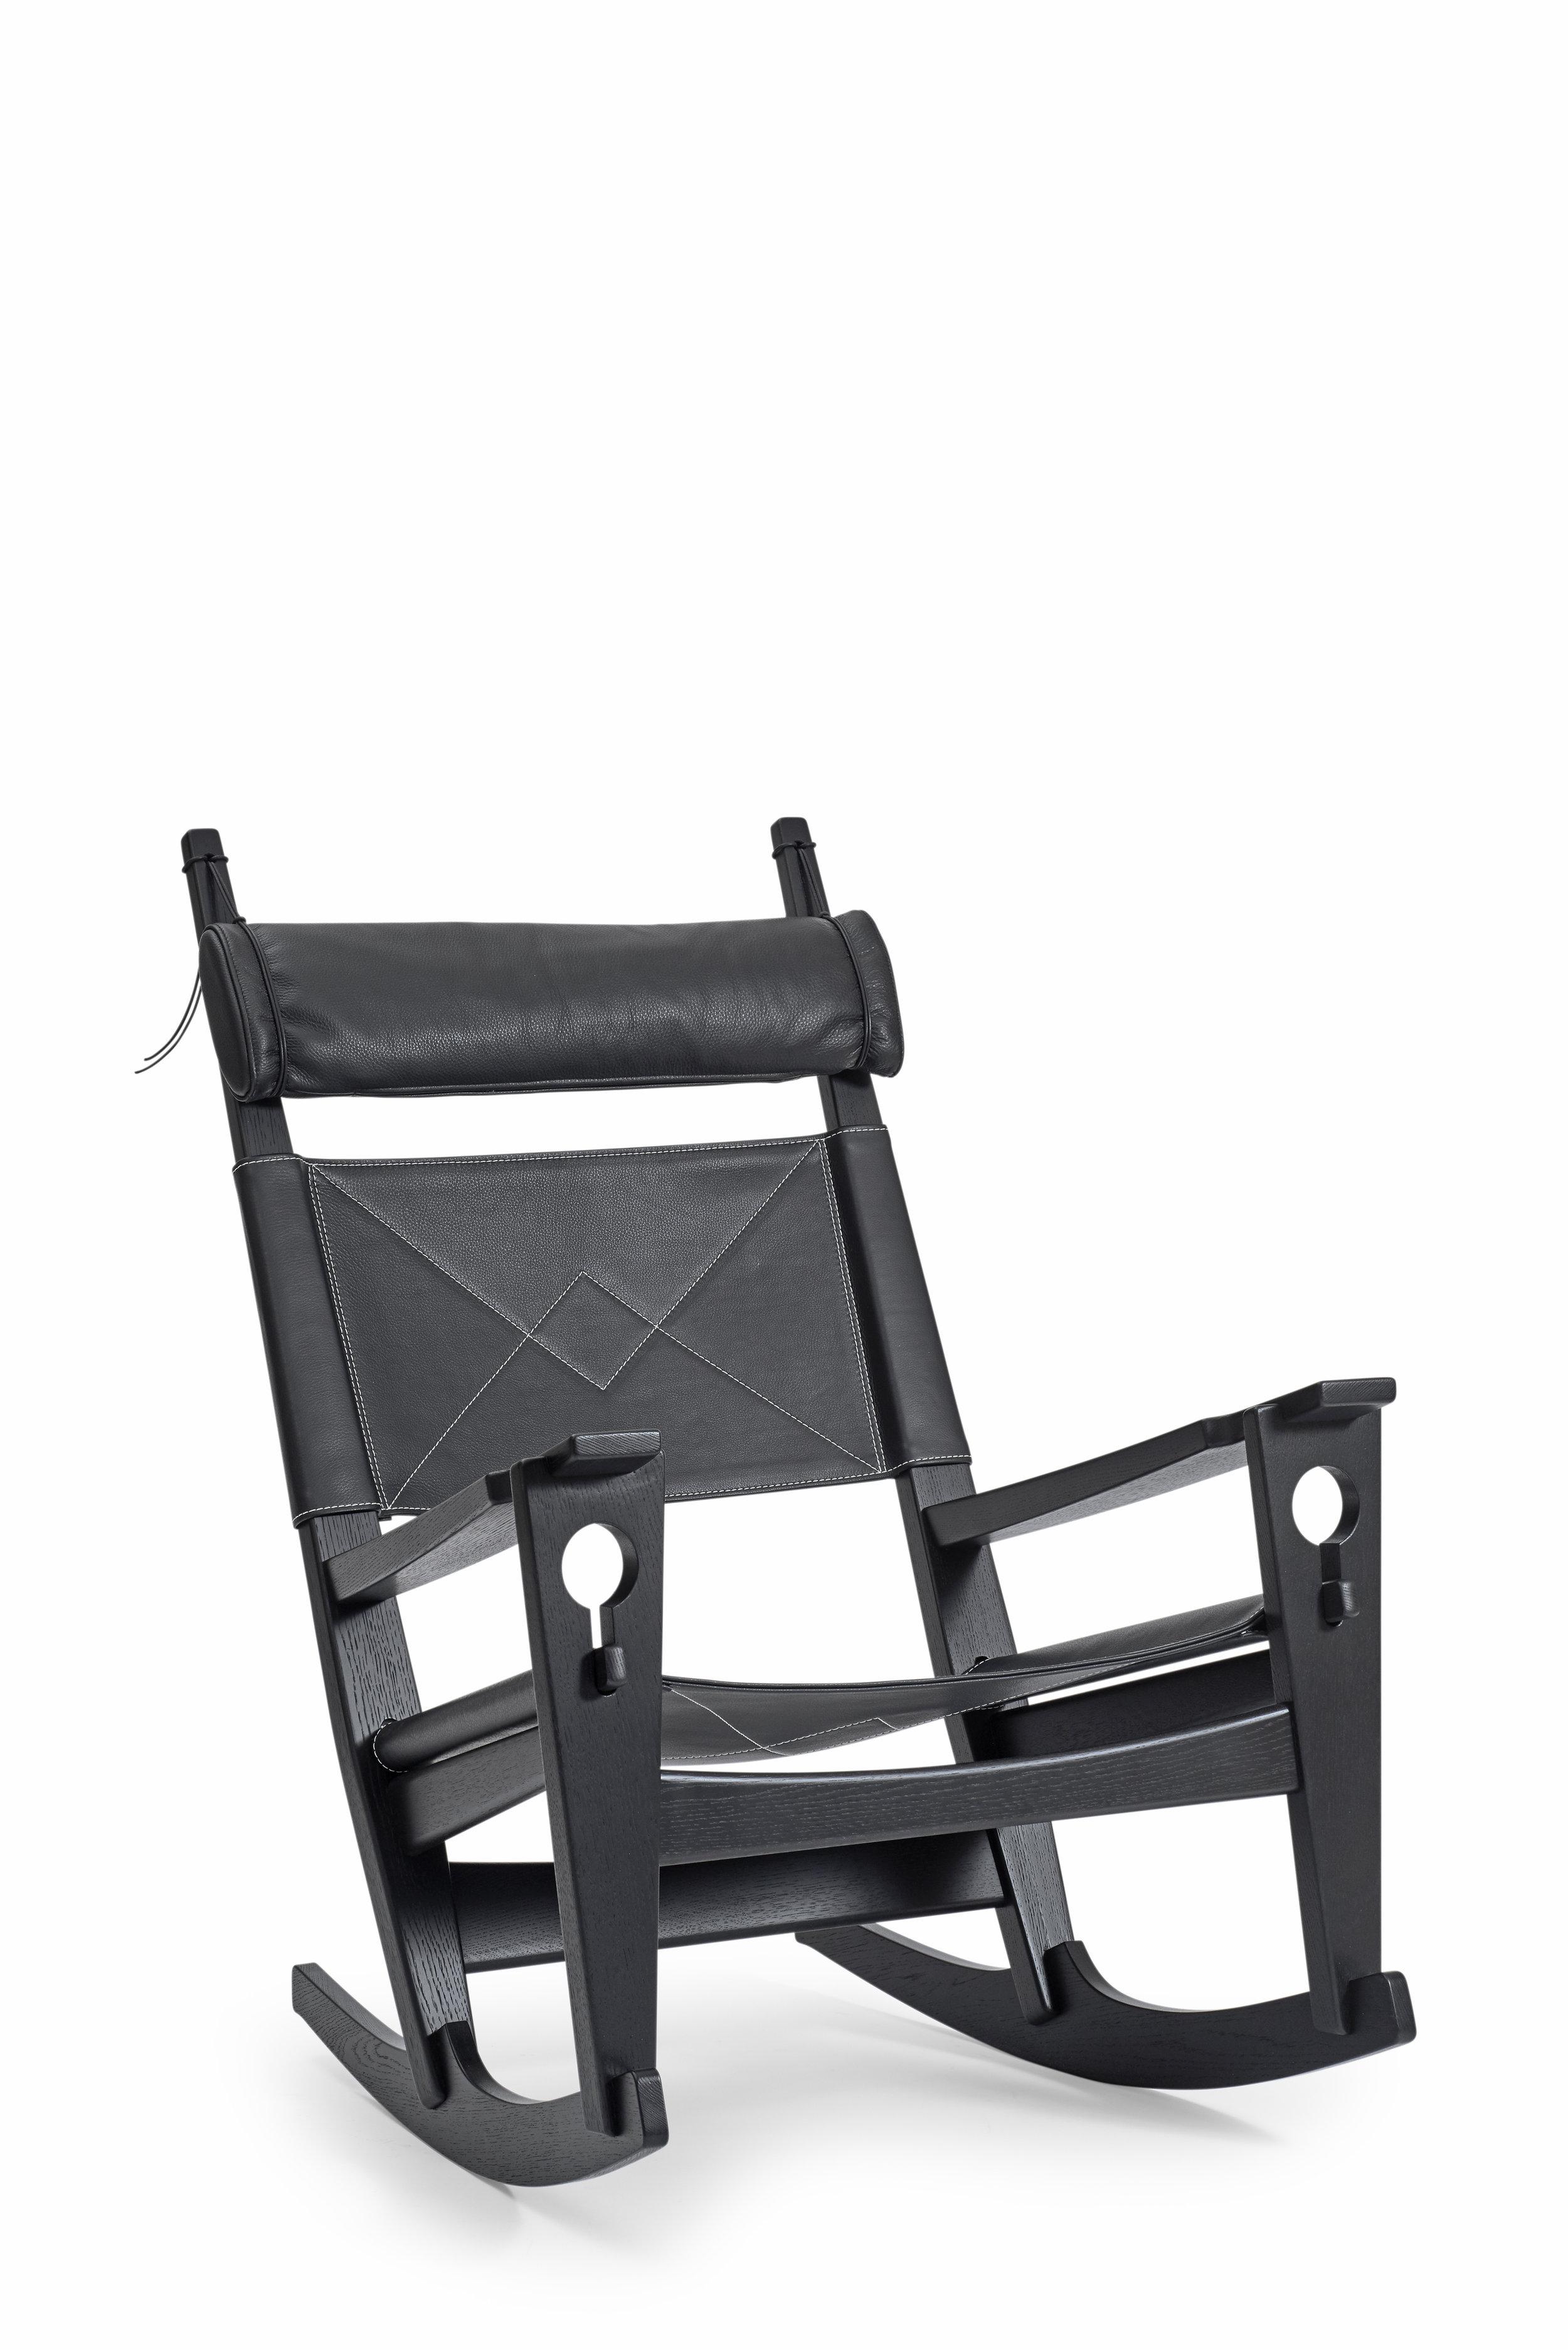 GE_673_GE673_Rocking_Chair_Hans_Wegner_Getama_Gestalt_NewYork_5.jpg